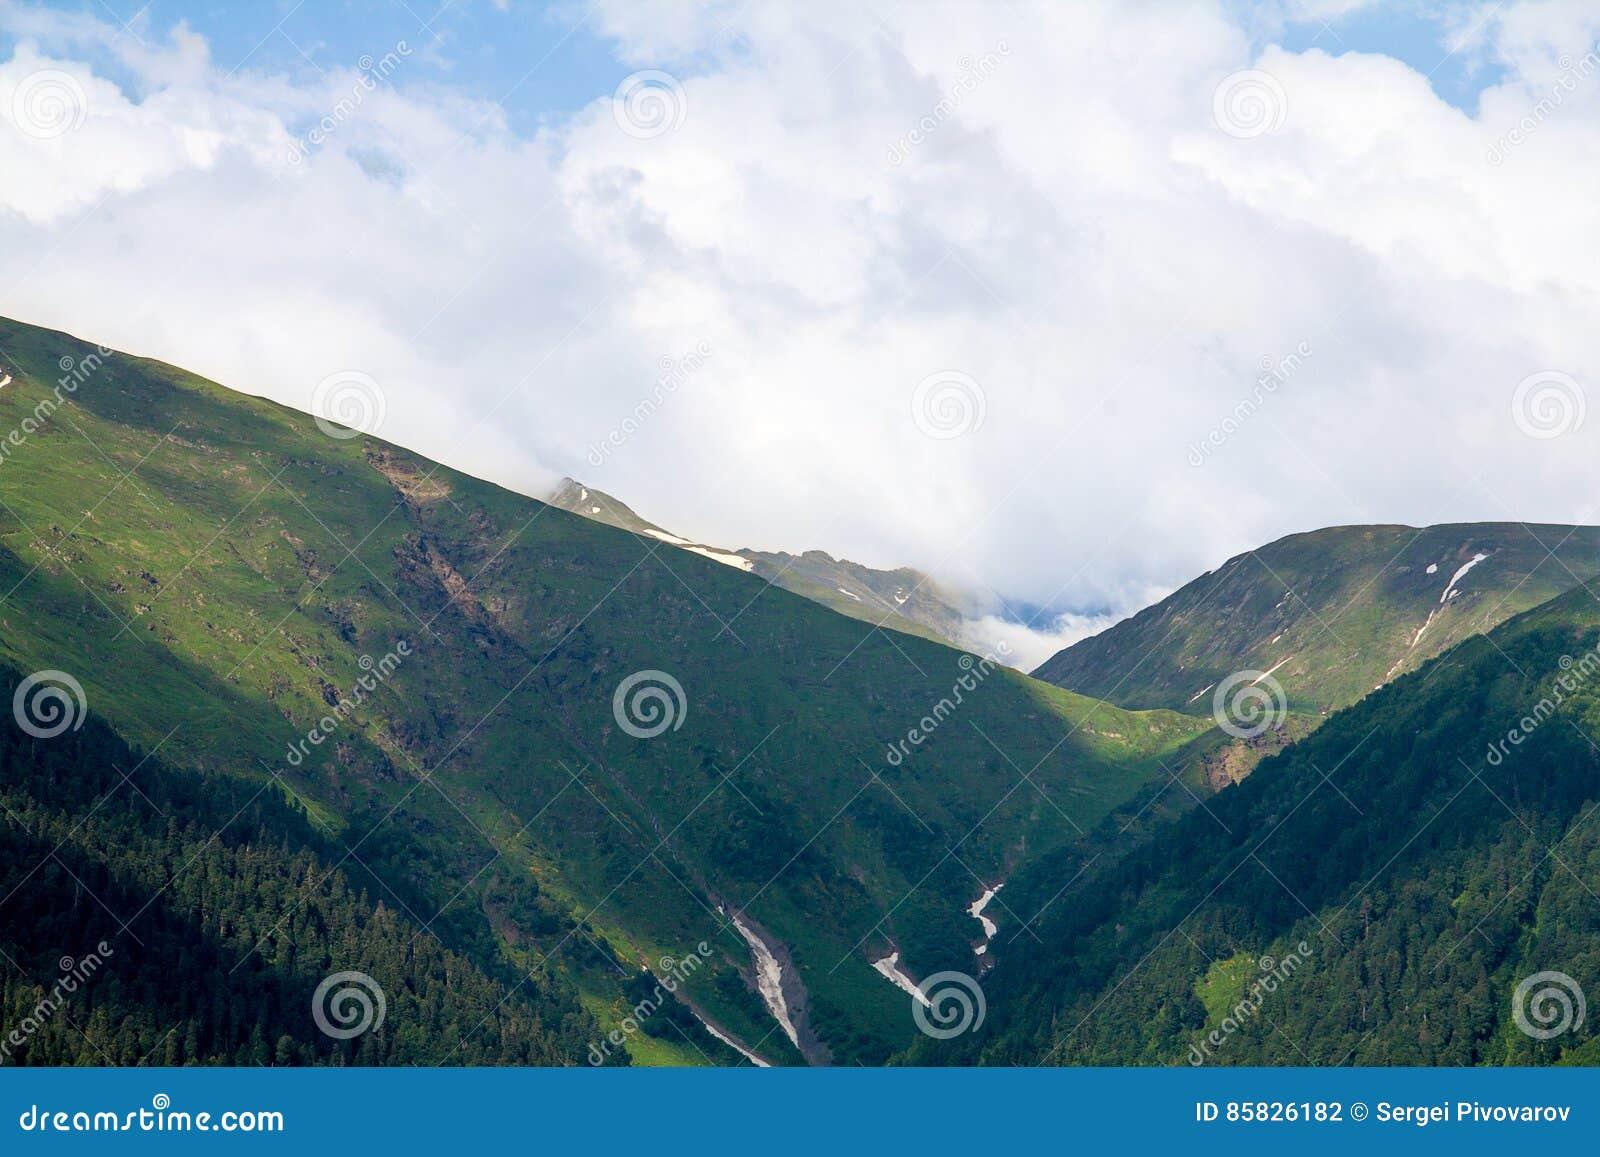 Klyftan i bergen som är forested med skrevan och snö, tystar och seglar utmed kusten